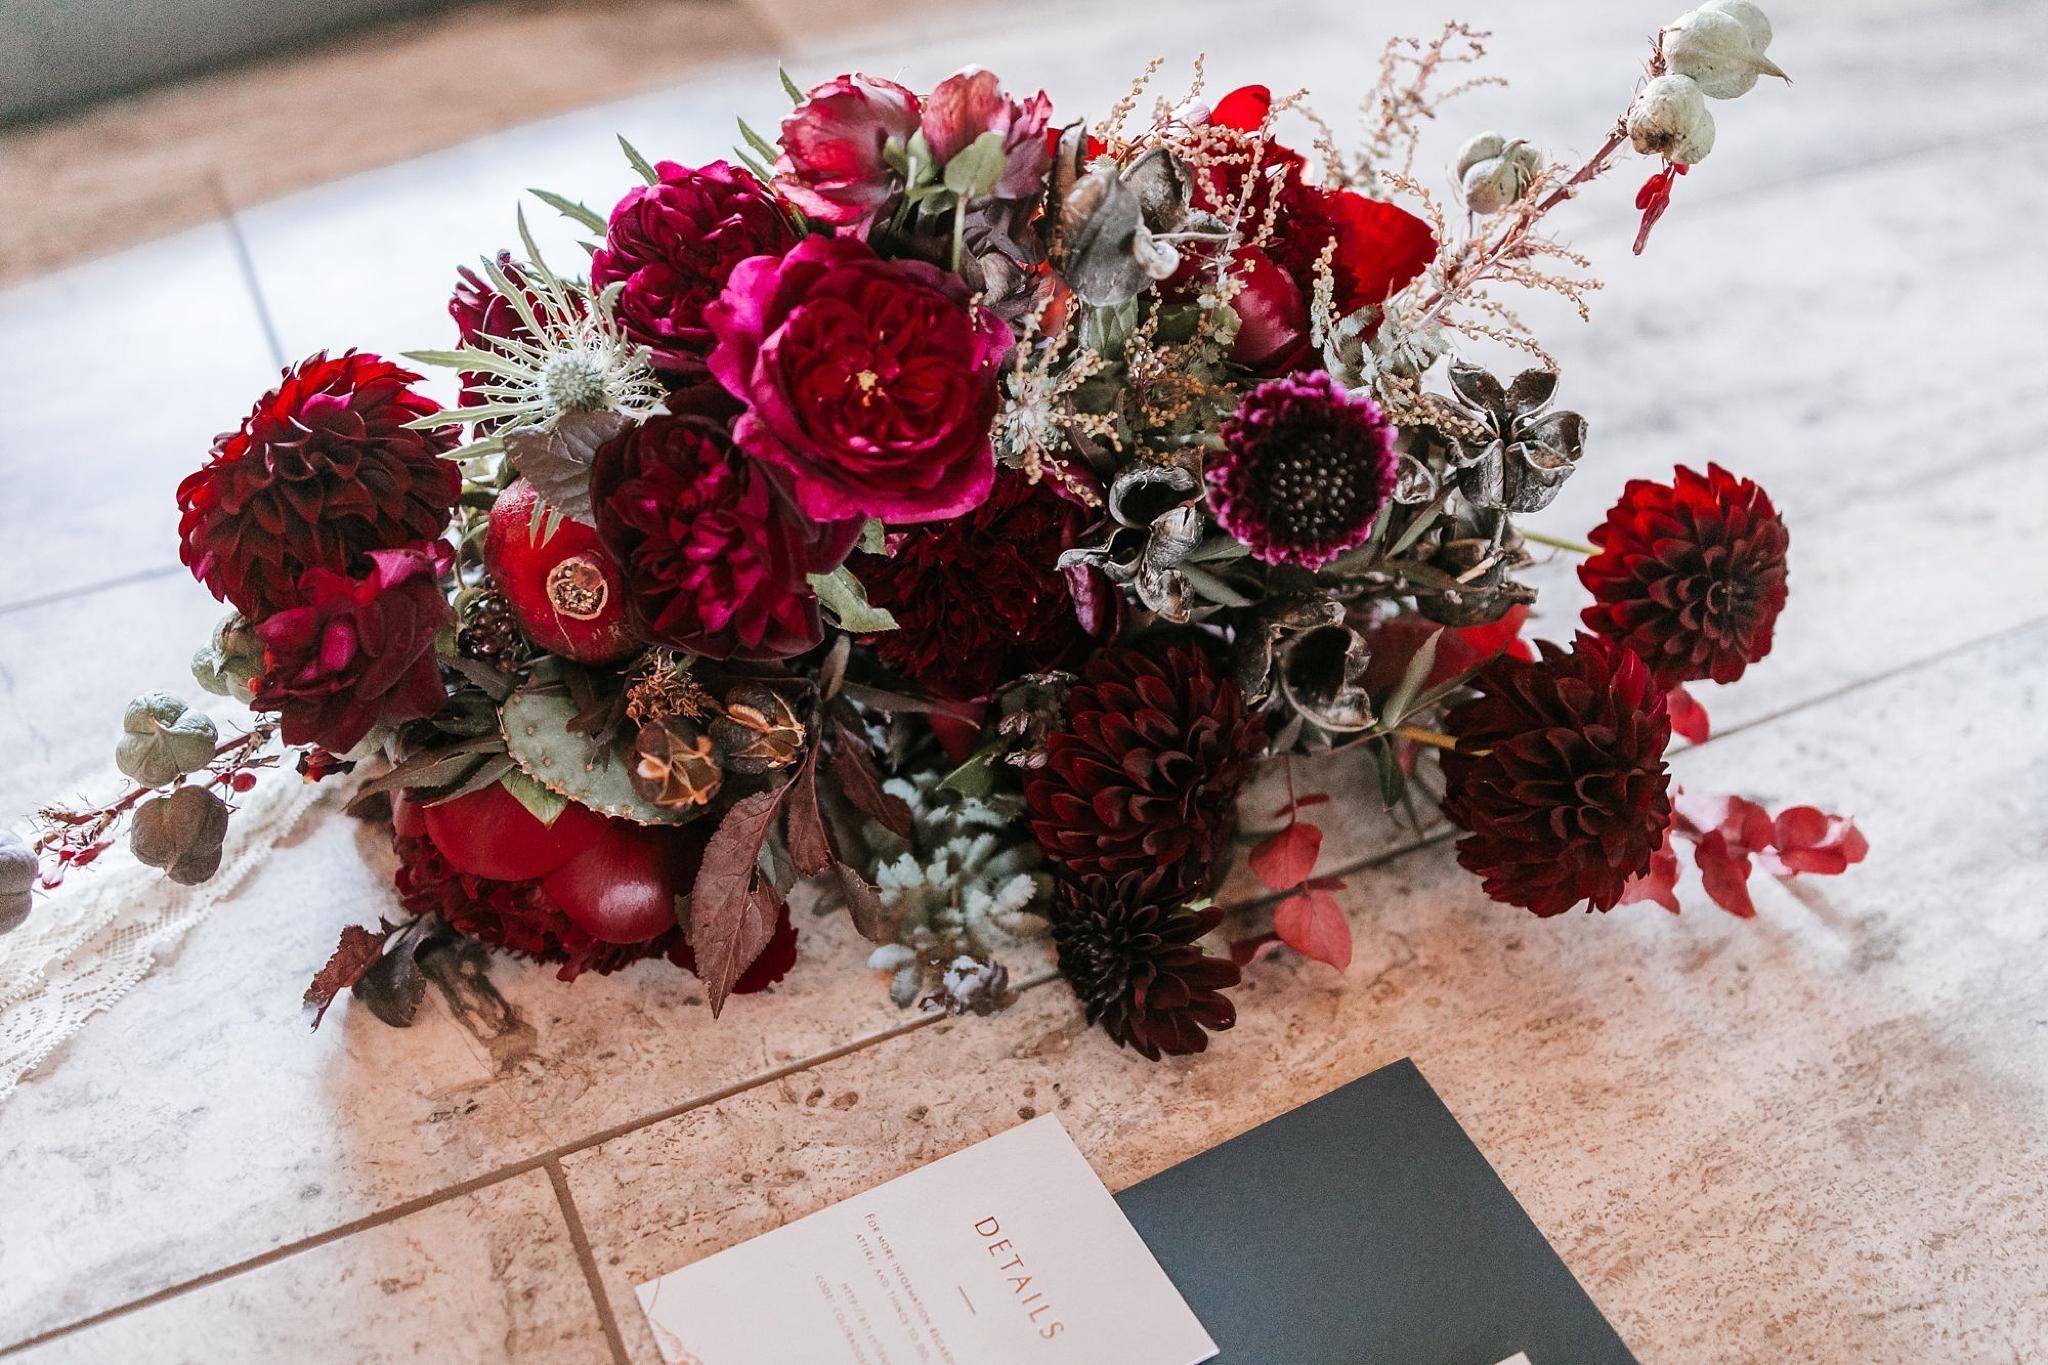 Alicia+lucia+photography+-+albuquerque+wedding+photographer+-+santa+fe+wedding+photography+-+new+mexico+wedding+photographer+-+new+mexico+wedding+-+new+mexico+florist+-+floriography+flowers+-+floriography+flowers+new+mexico+-+wedding+florist_0068.jpg